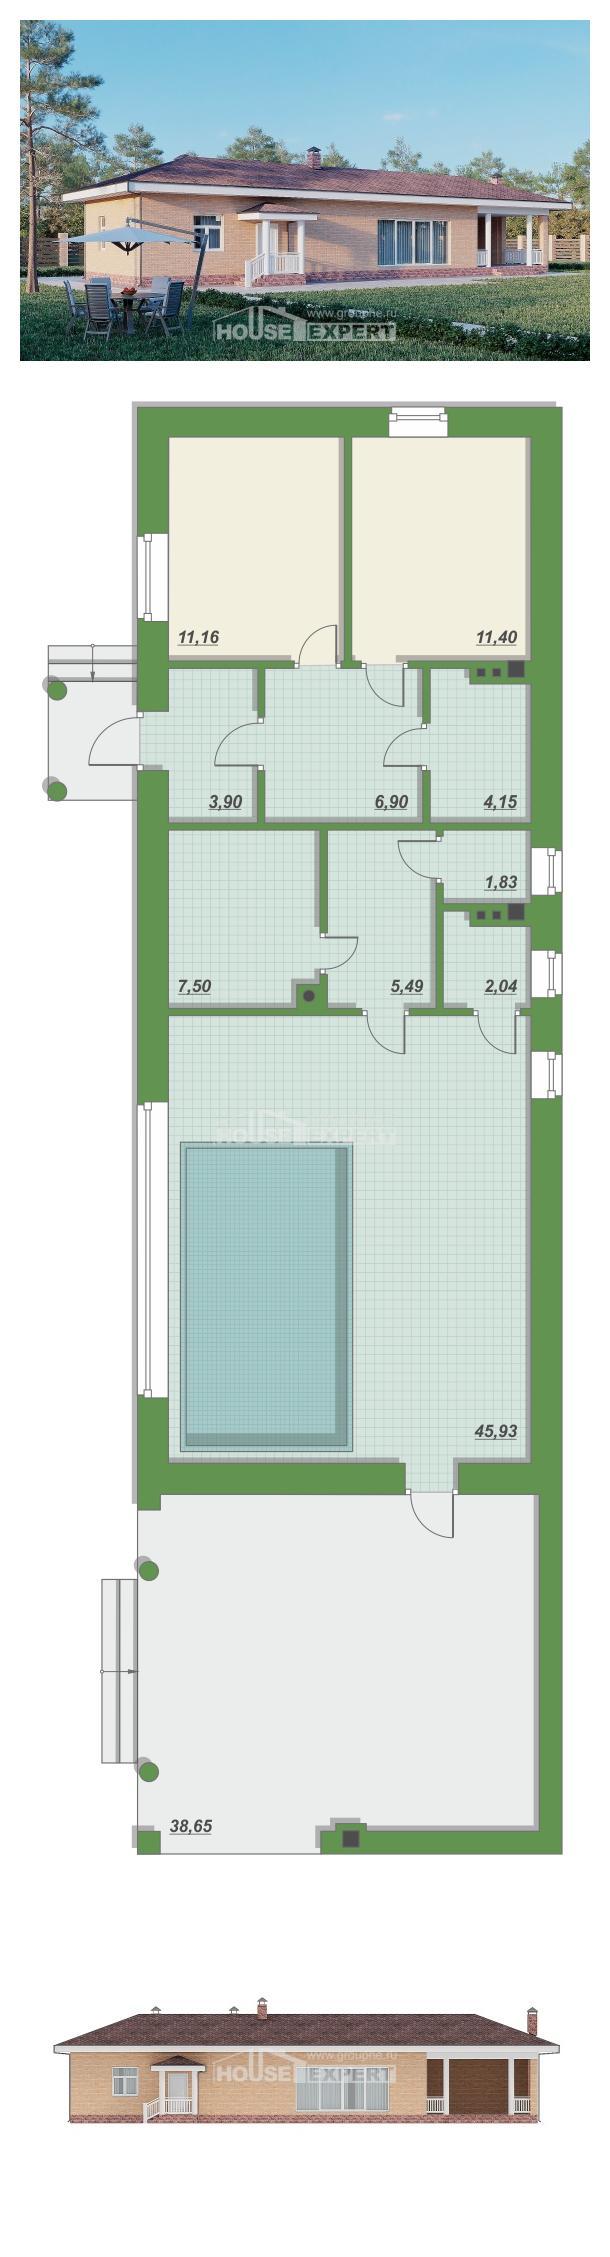 房子的设计 110-006-R | House Expert